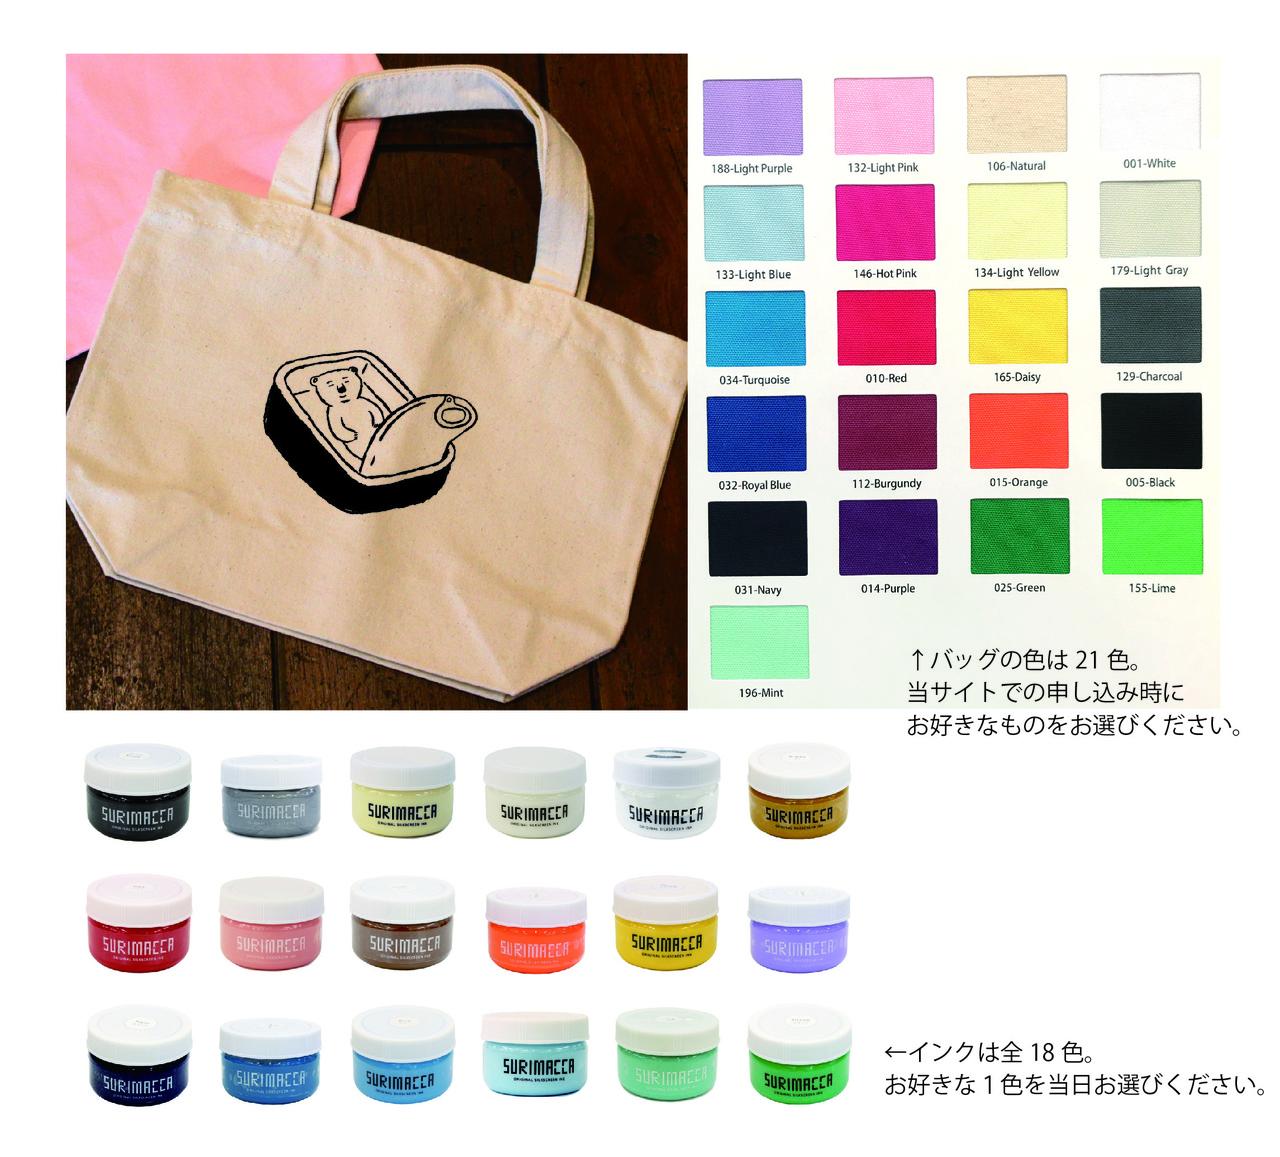 4/14-15 柴田ケイコワークショップ・スリマッカでランチバッグを作ろう!(柄:しろくま缶)at EDiTORS